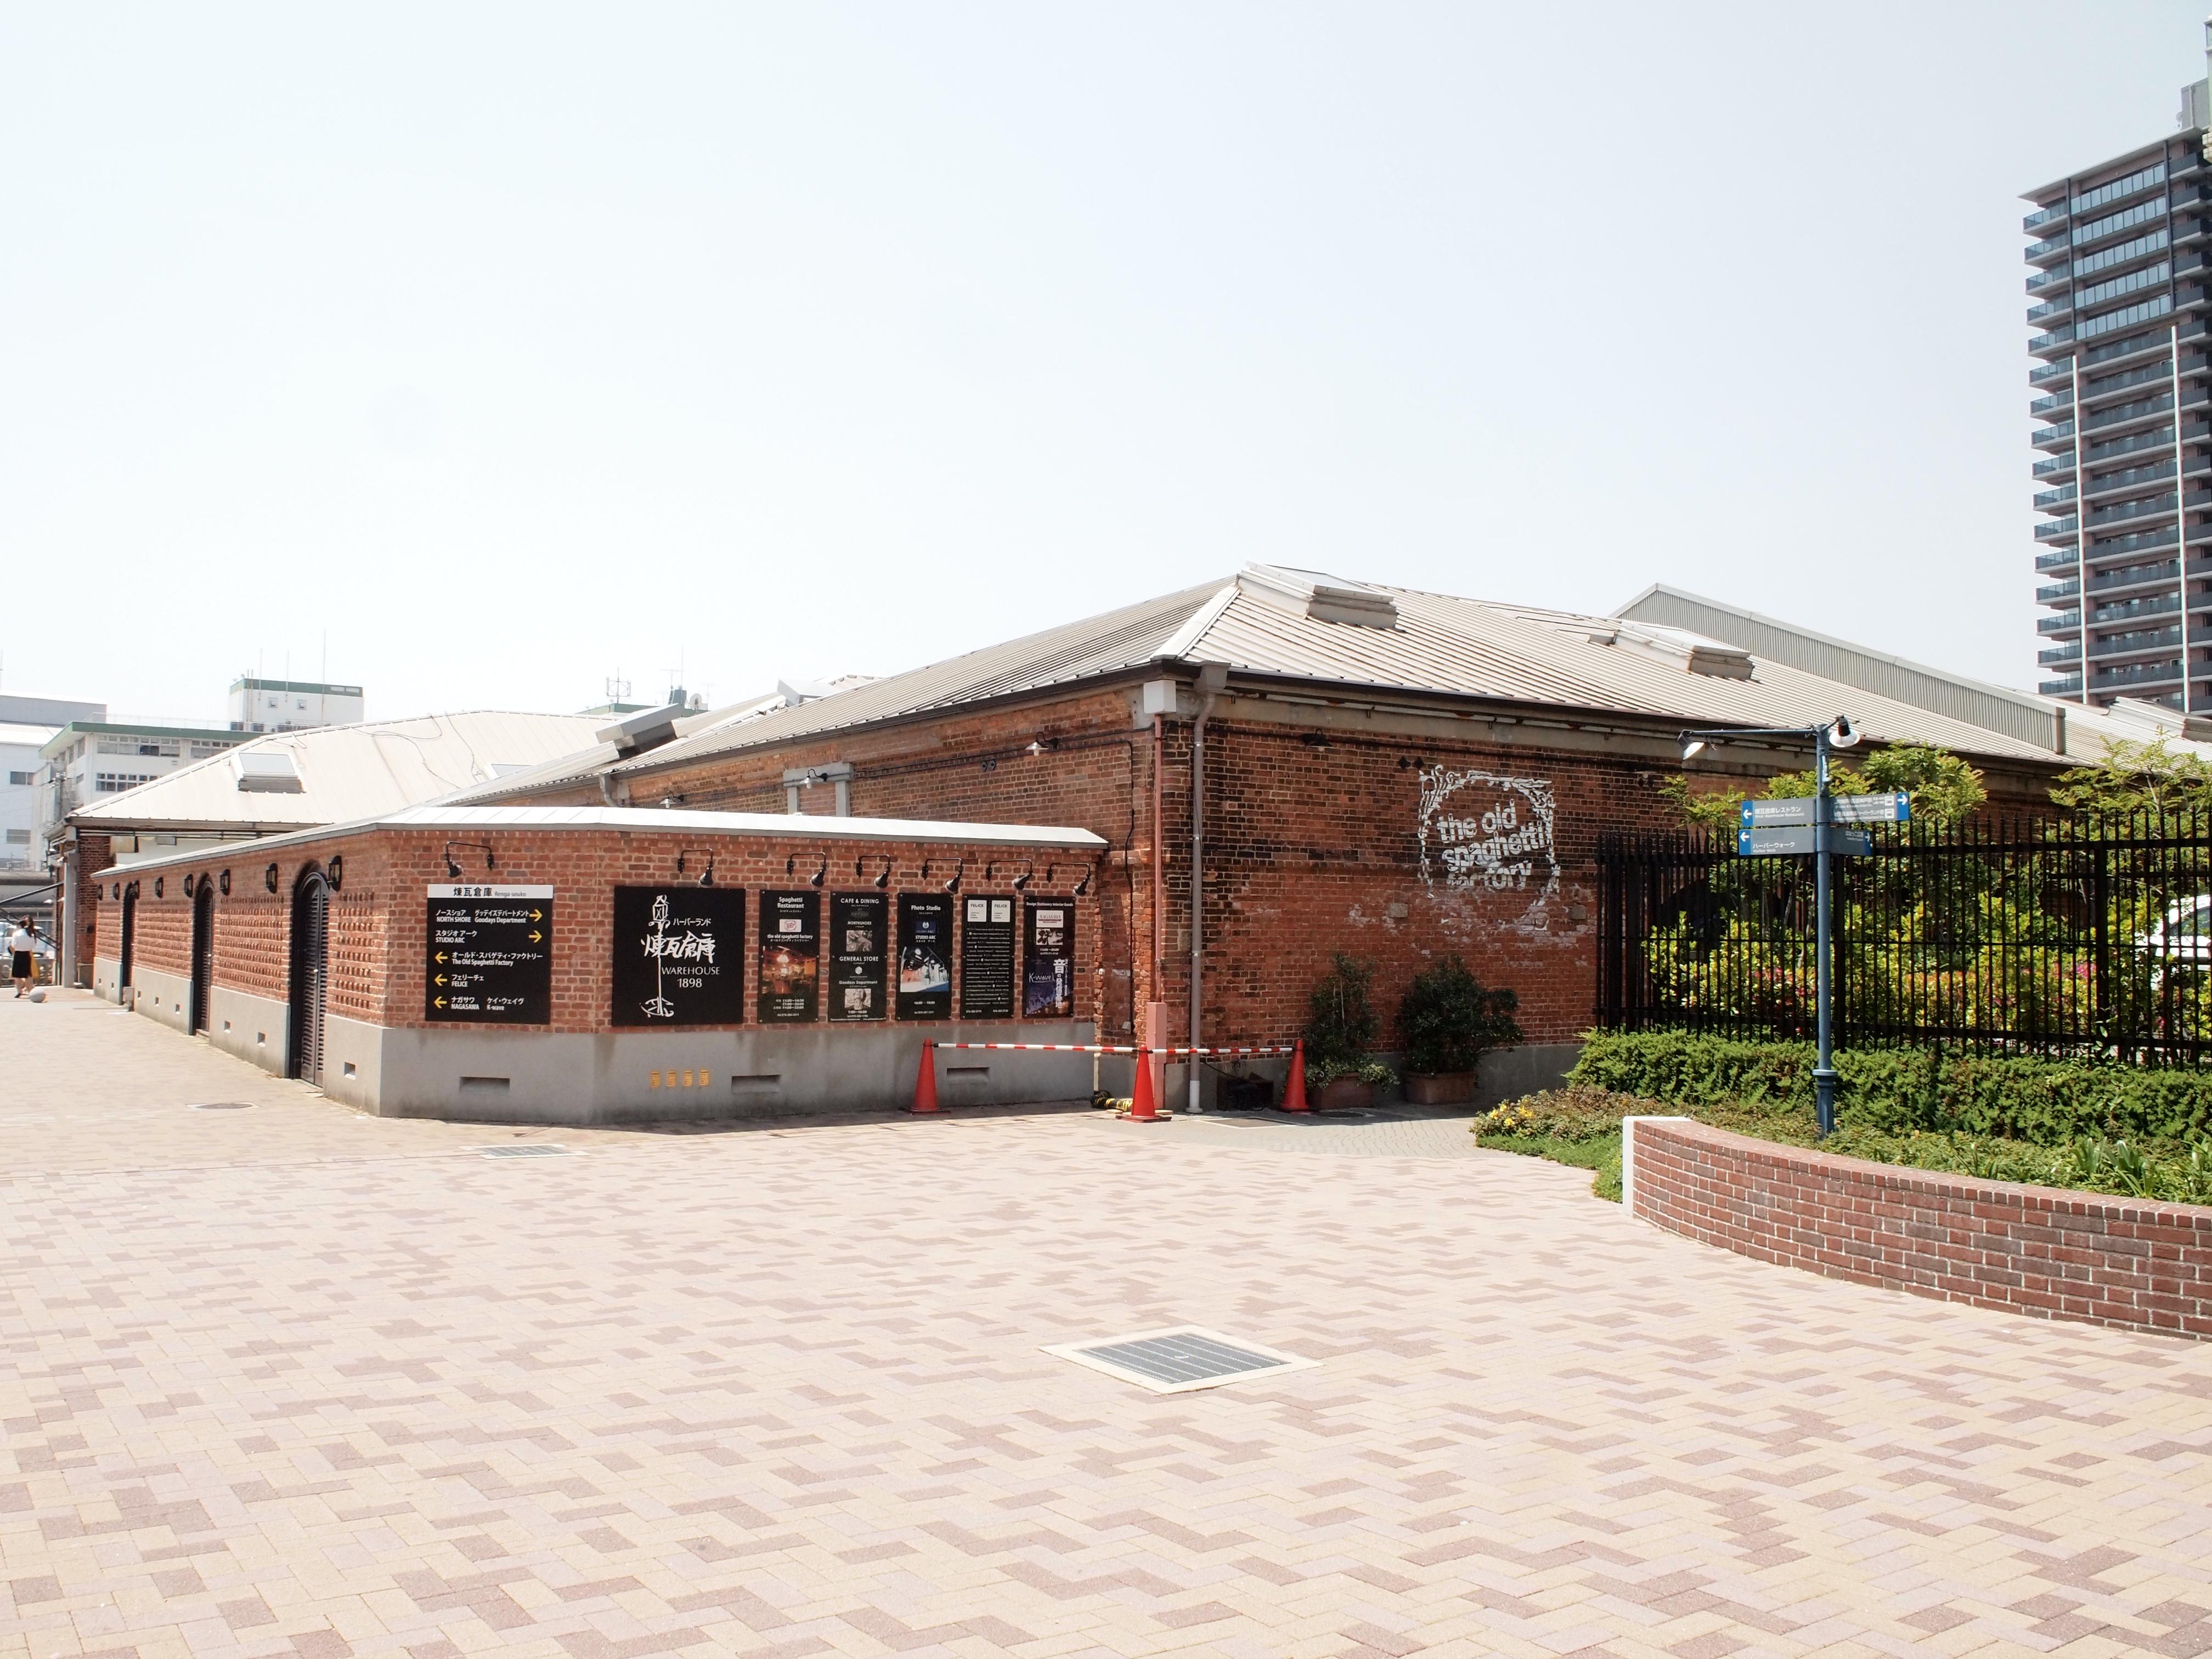 神戸 煉瓦倉庫 ハーバーランド カフェ パンケーキ RED BRICK 1898 レッドブリック 行き方 アクセス